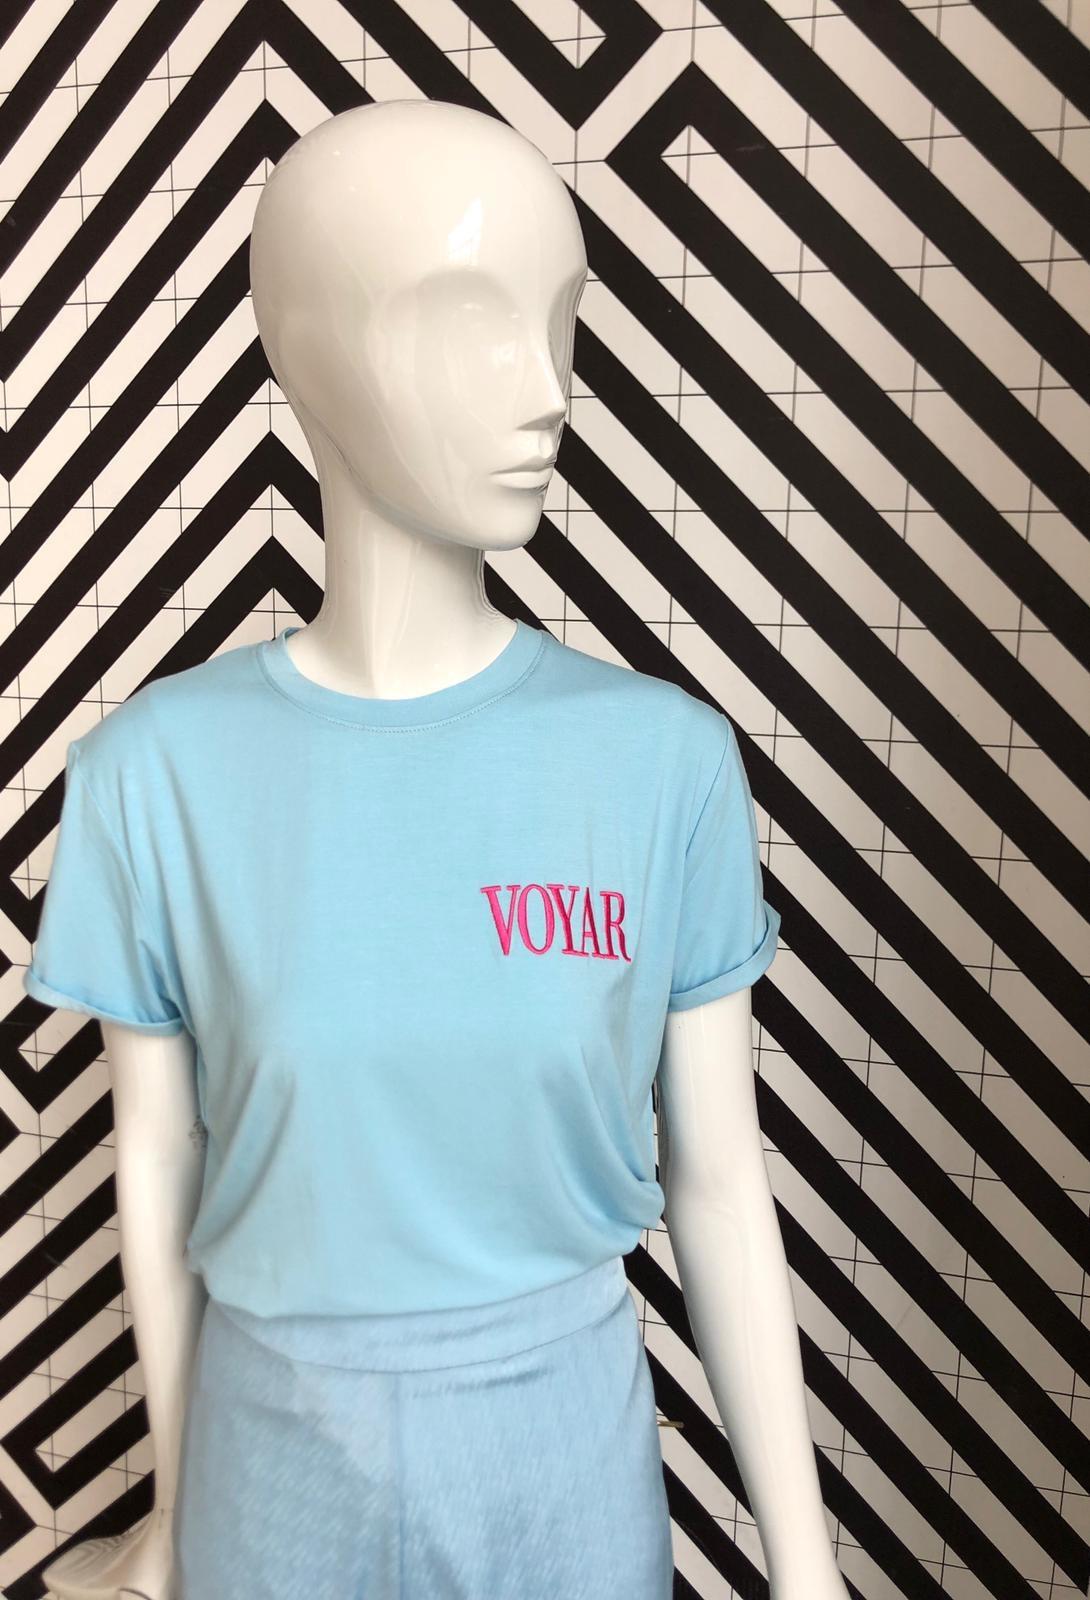 Voyar La Rue Tilda voyar tshirt light blue